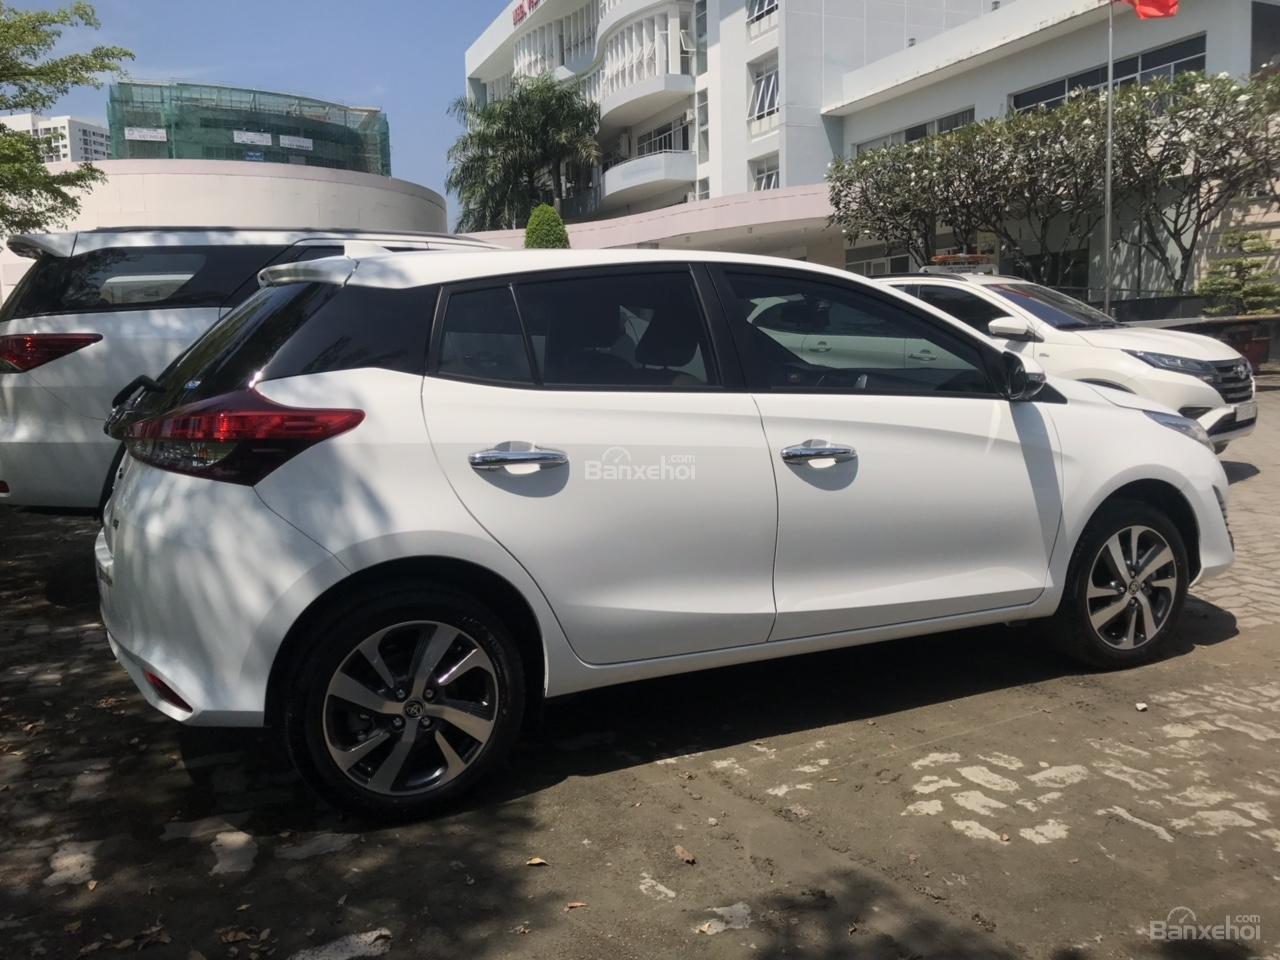 Bán Toyota Yaris nhập khẩu Thái Lan - Giá ưu đãi, xe giao ngay đủ màu, liên hệ 0902.1717.20 nhận ngay ưu đãi-1